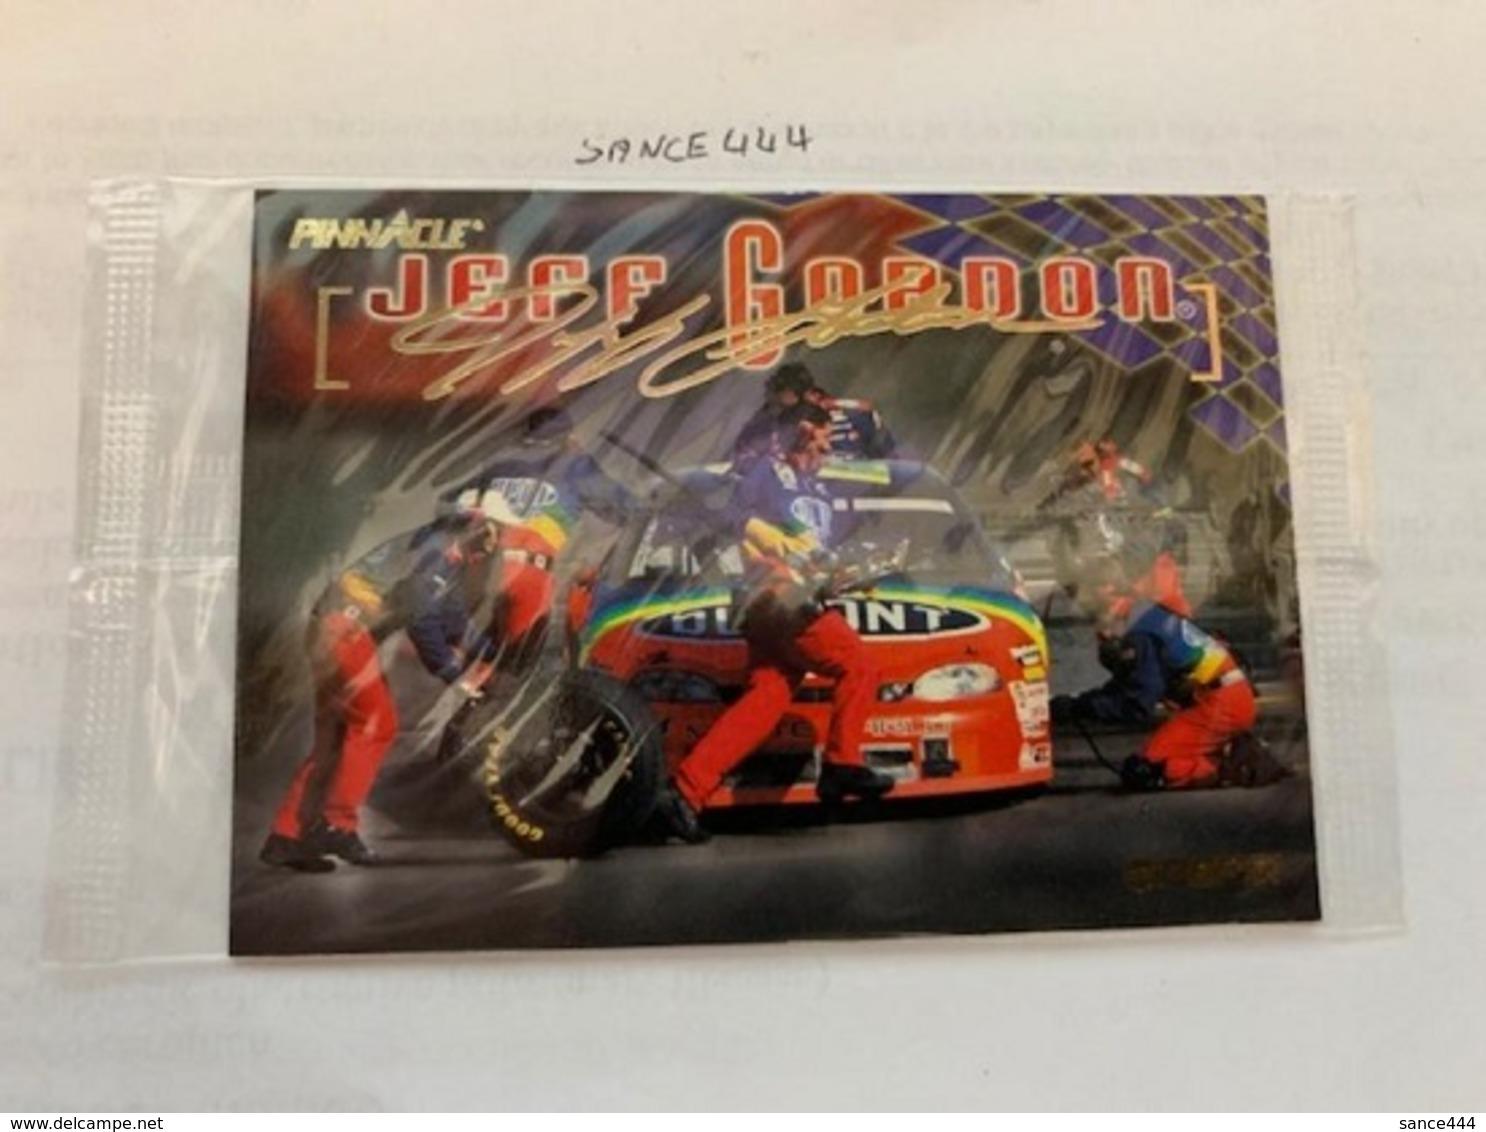 Jeff Gordon Card #abcde - Schede Telefoniche